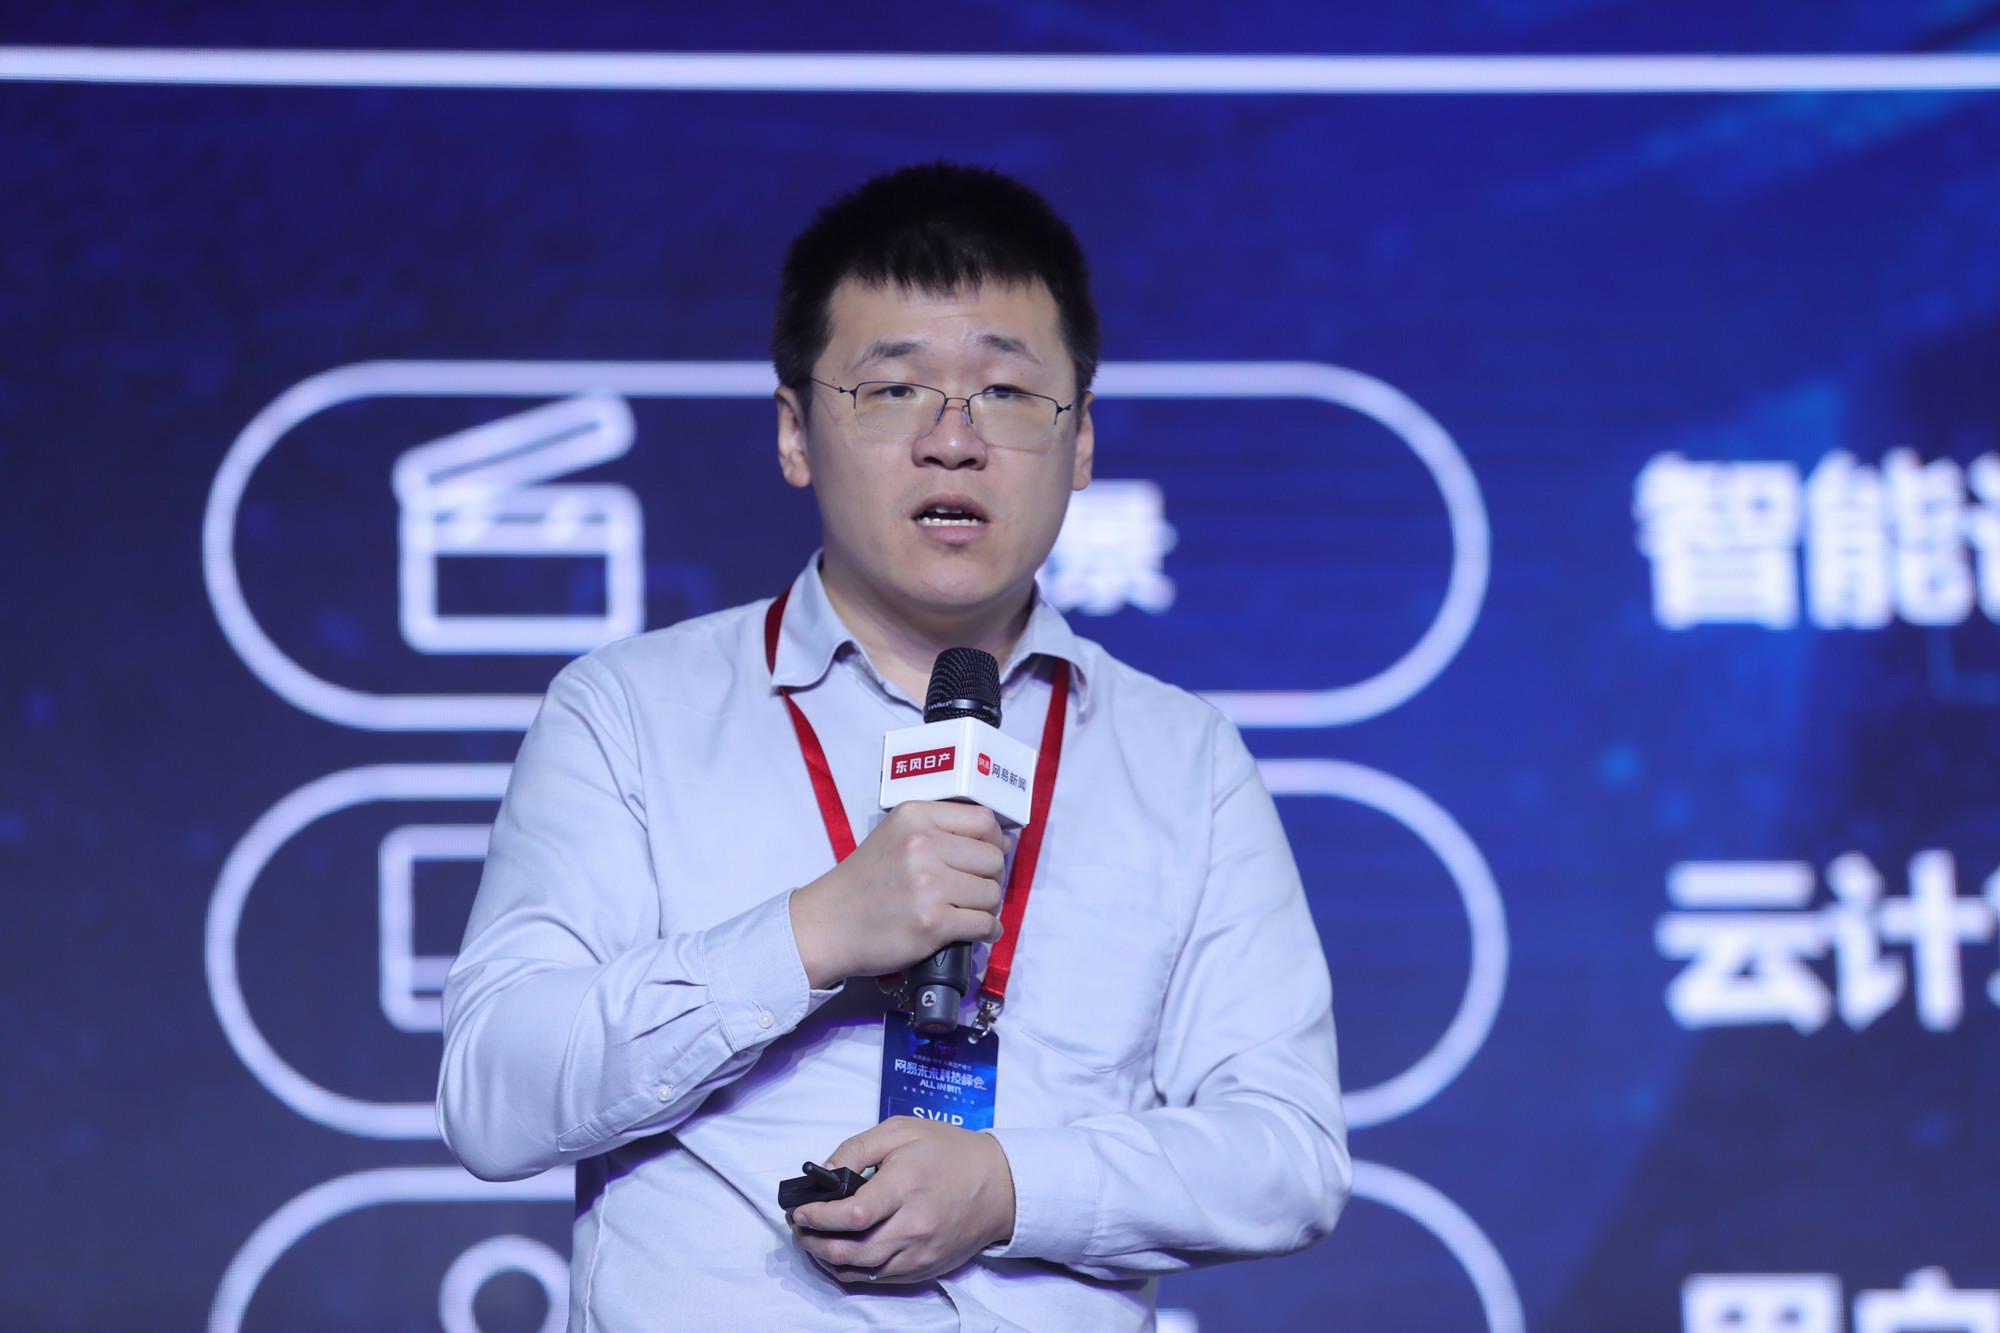 拼多多联合创始人兼首席技术官陈磊